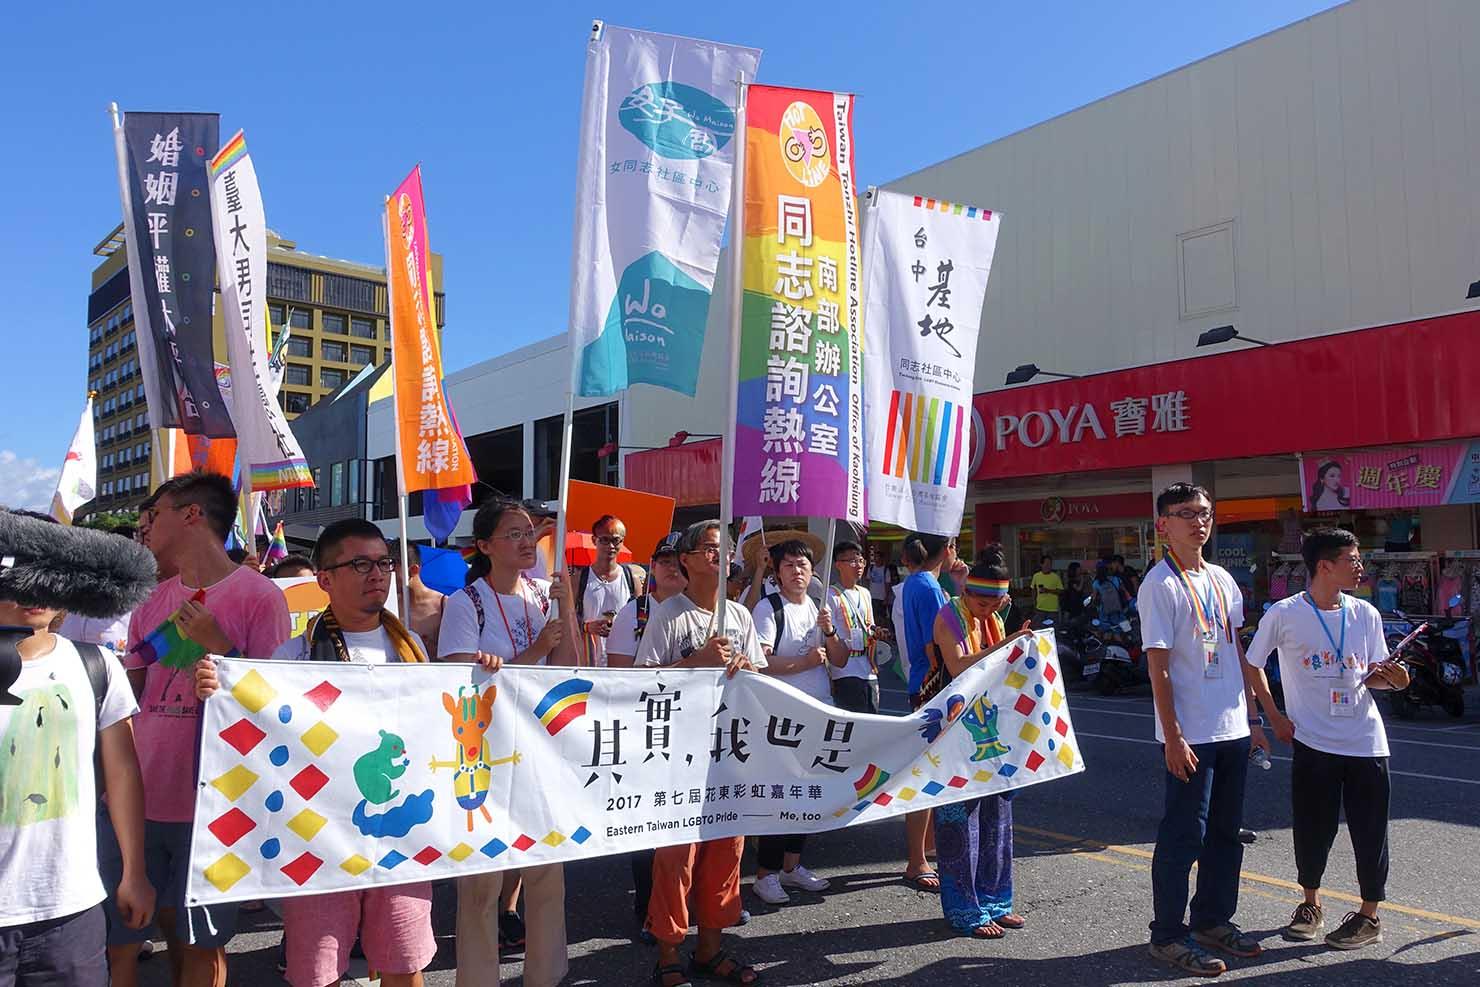 台湾東部のLGBTプライド「花東彩虹嘉年華」でスローガンを掲げる先頭集団